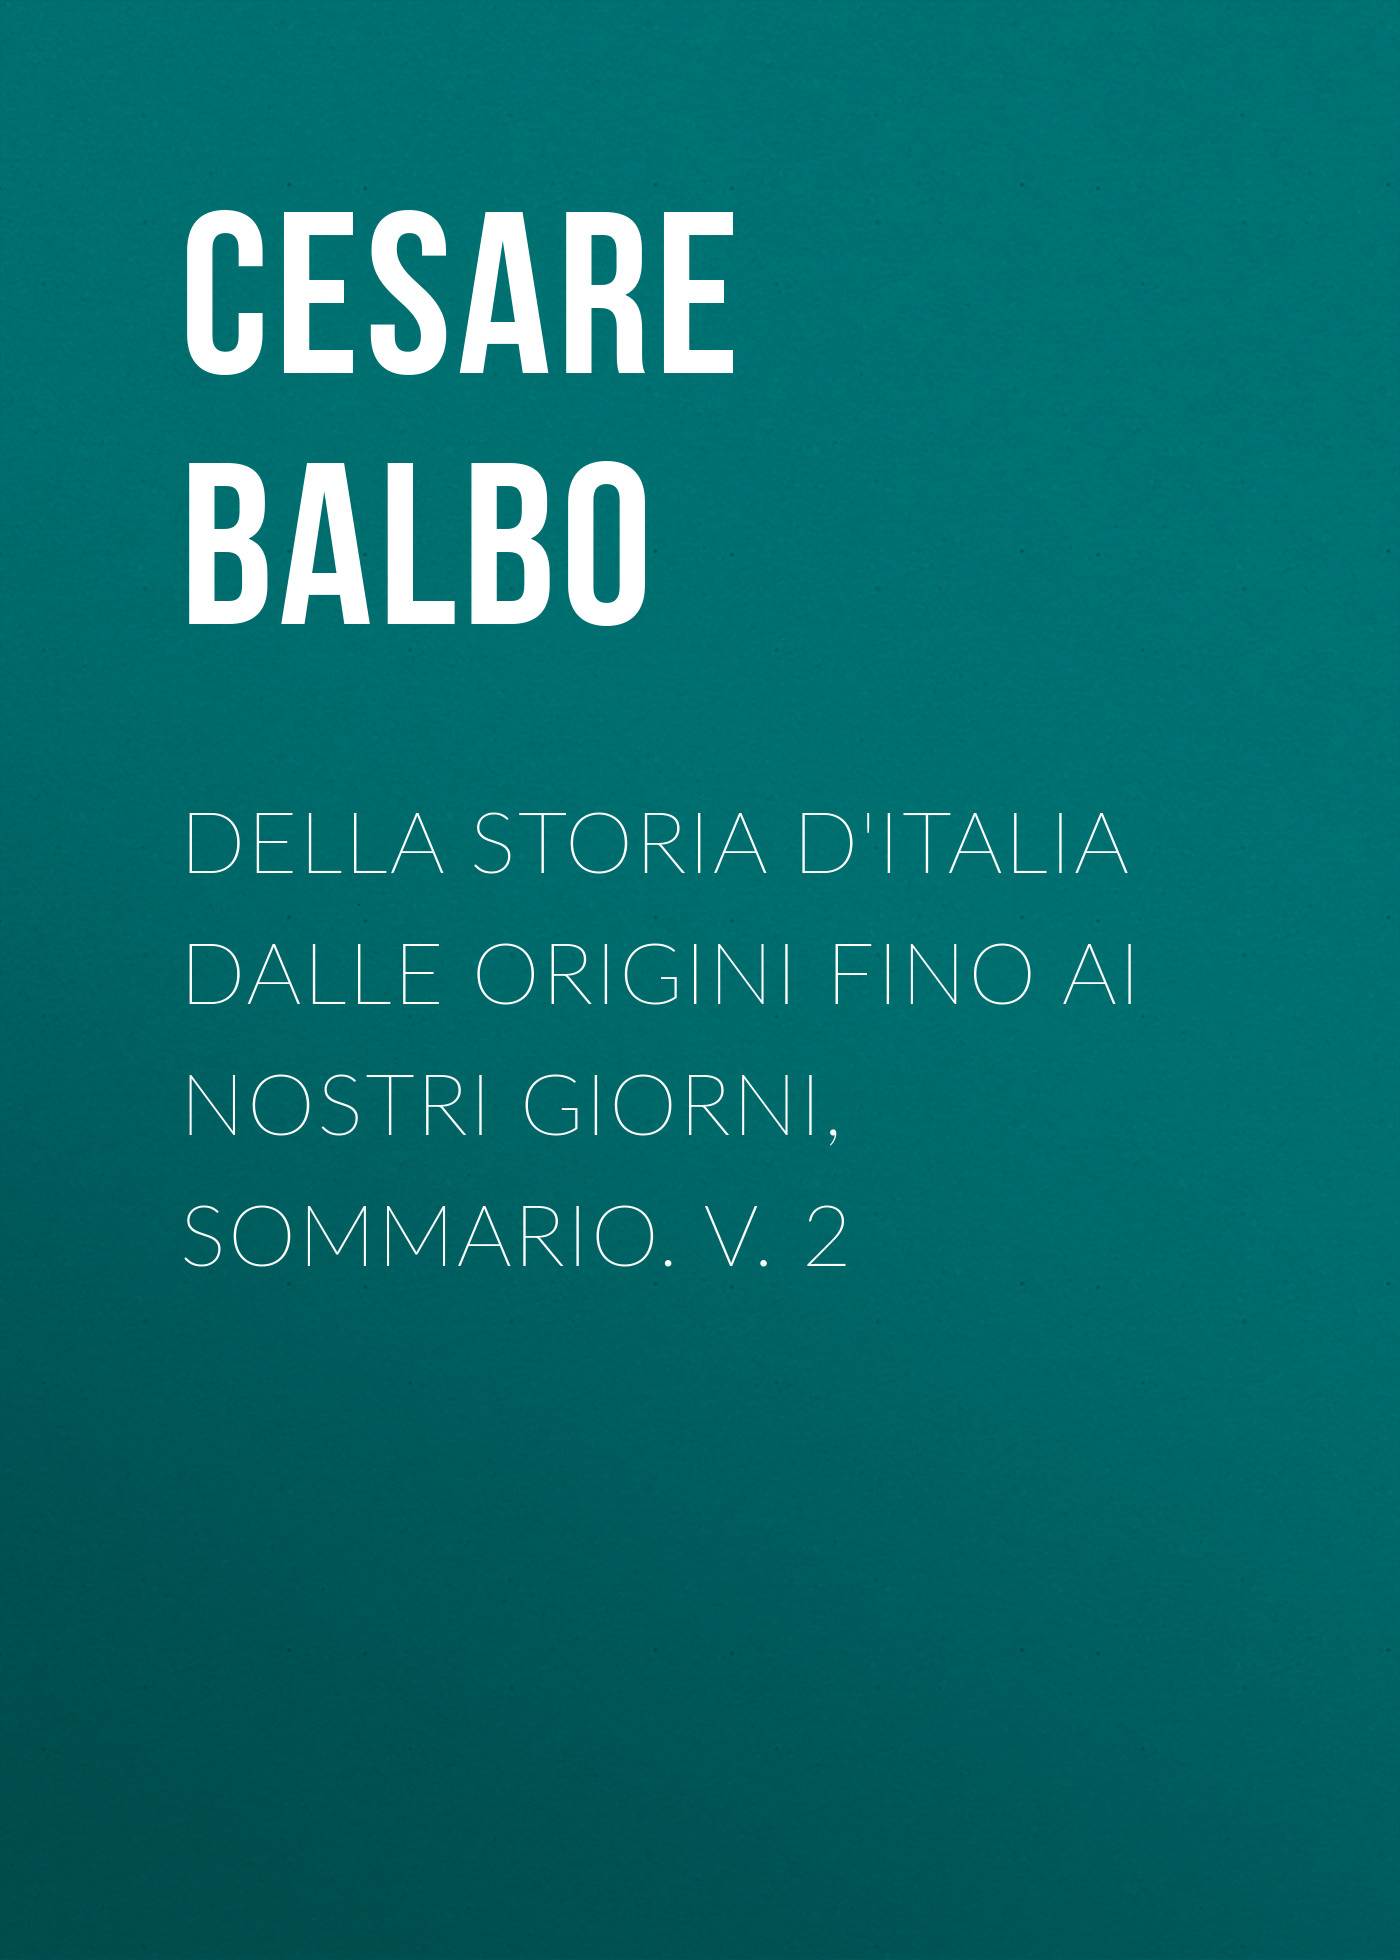 Balbo Cesare Della storia d'Italia dalle origini fino ai nostri giorni, sommario. v. 2 sale neodymium magnets iman 3 pcs lot n35 20x10x5mm strong ring countersunk rare earth